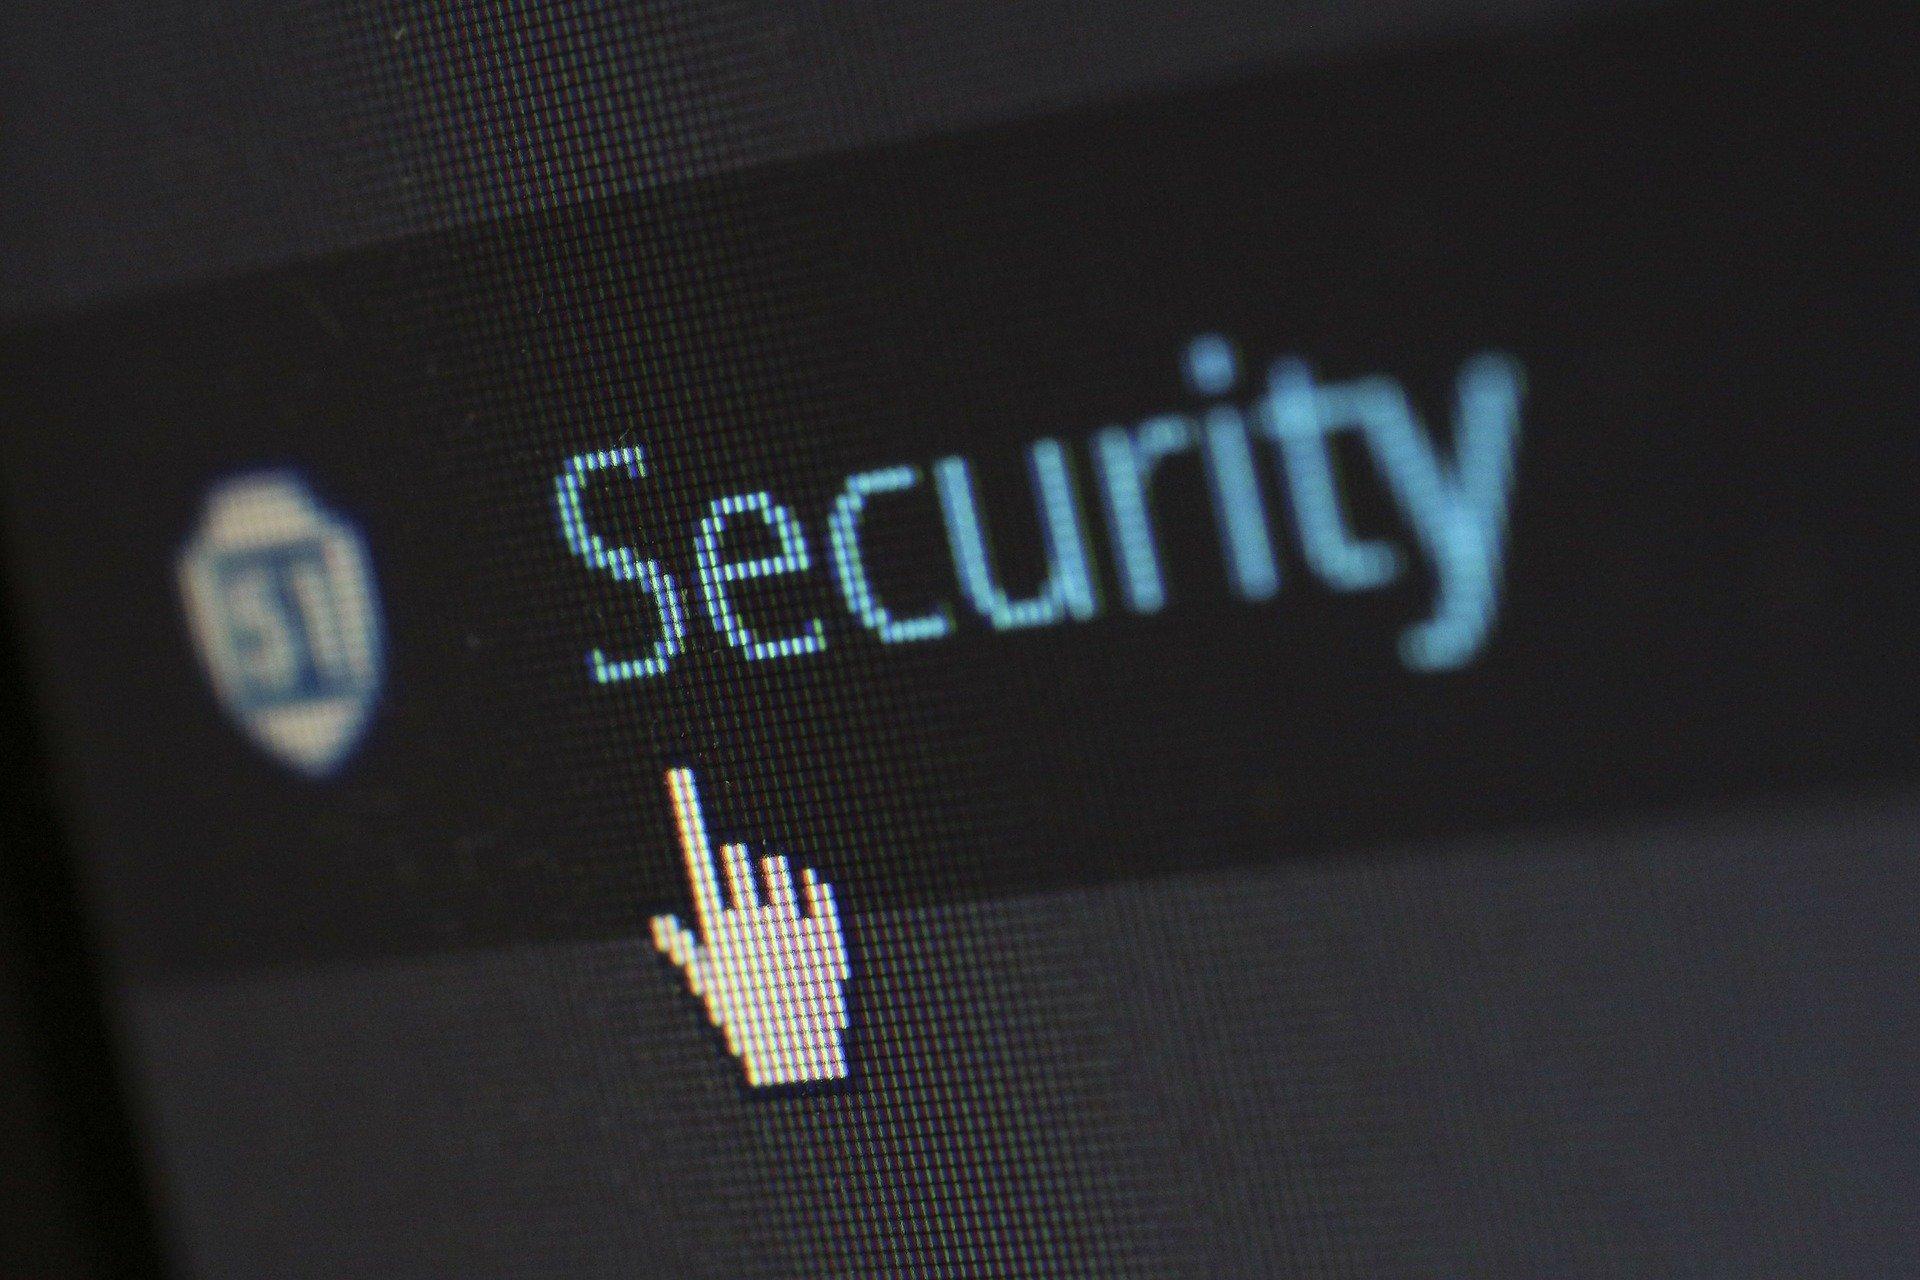 Web Site Security